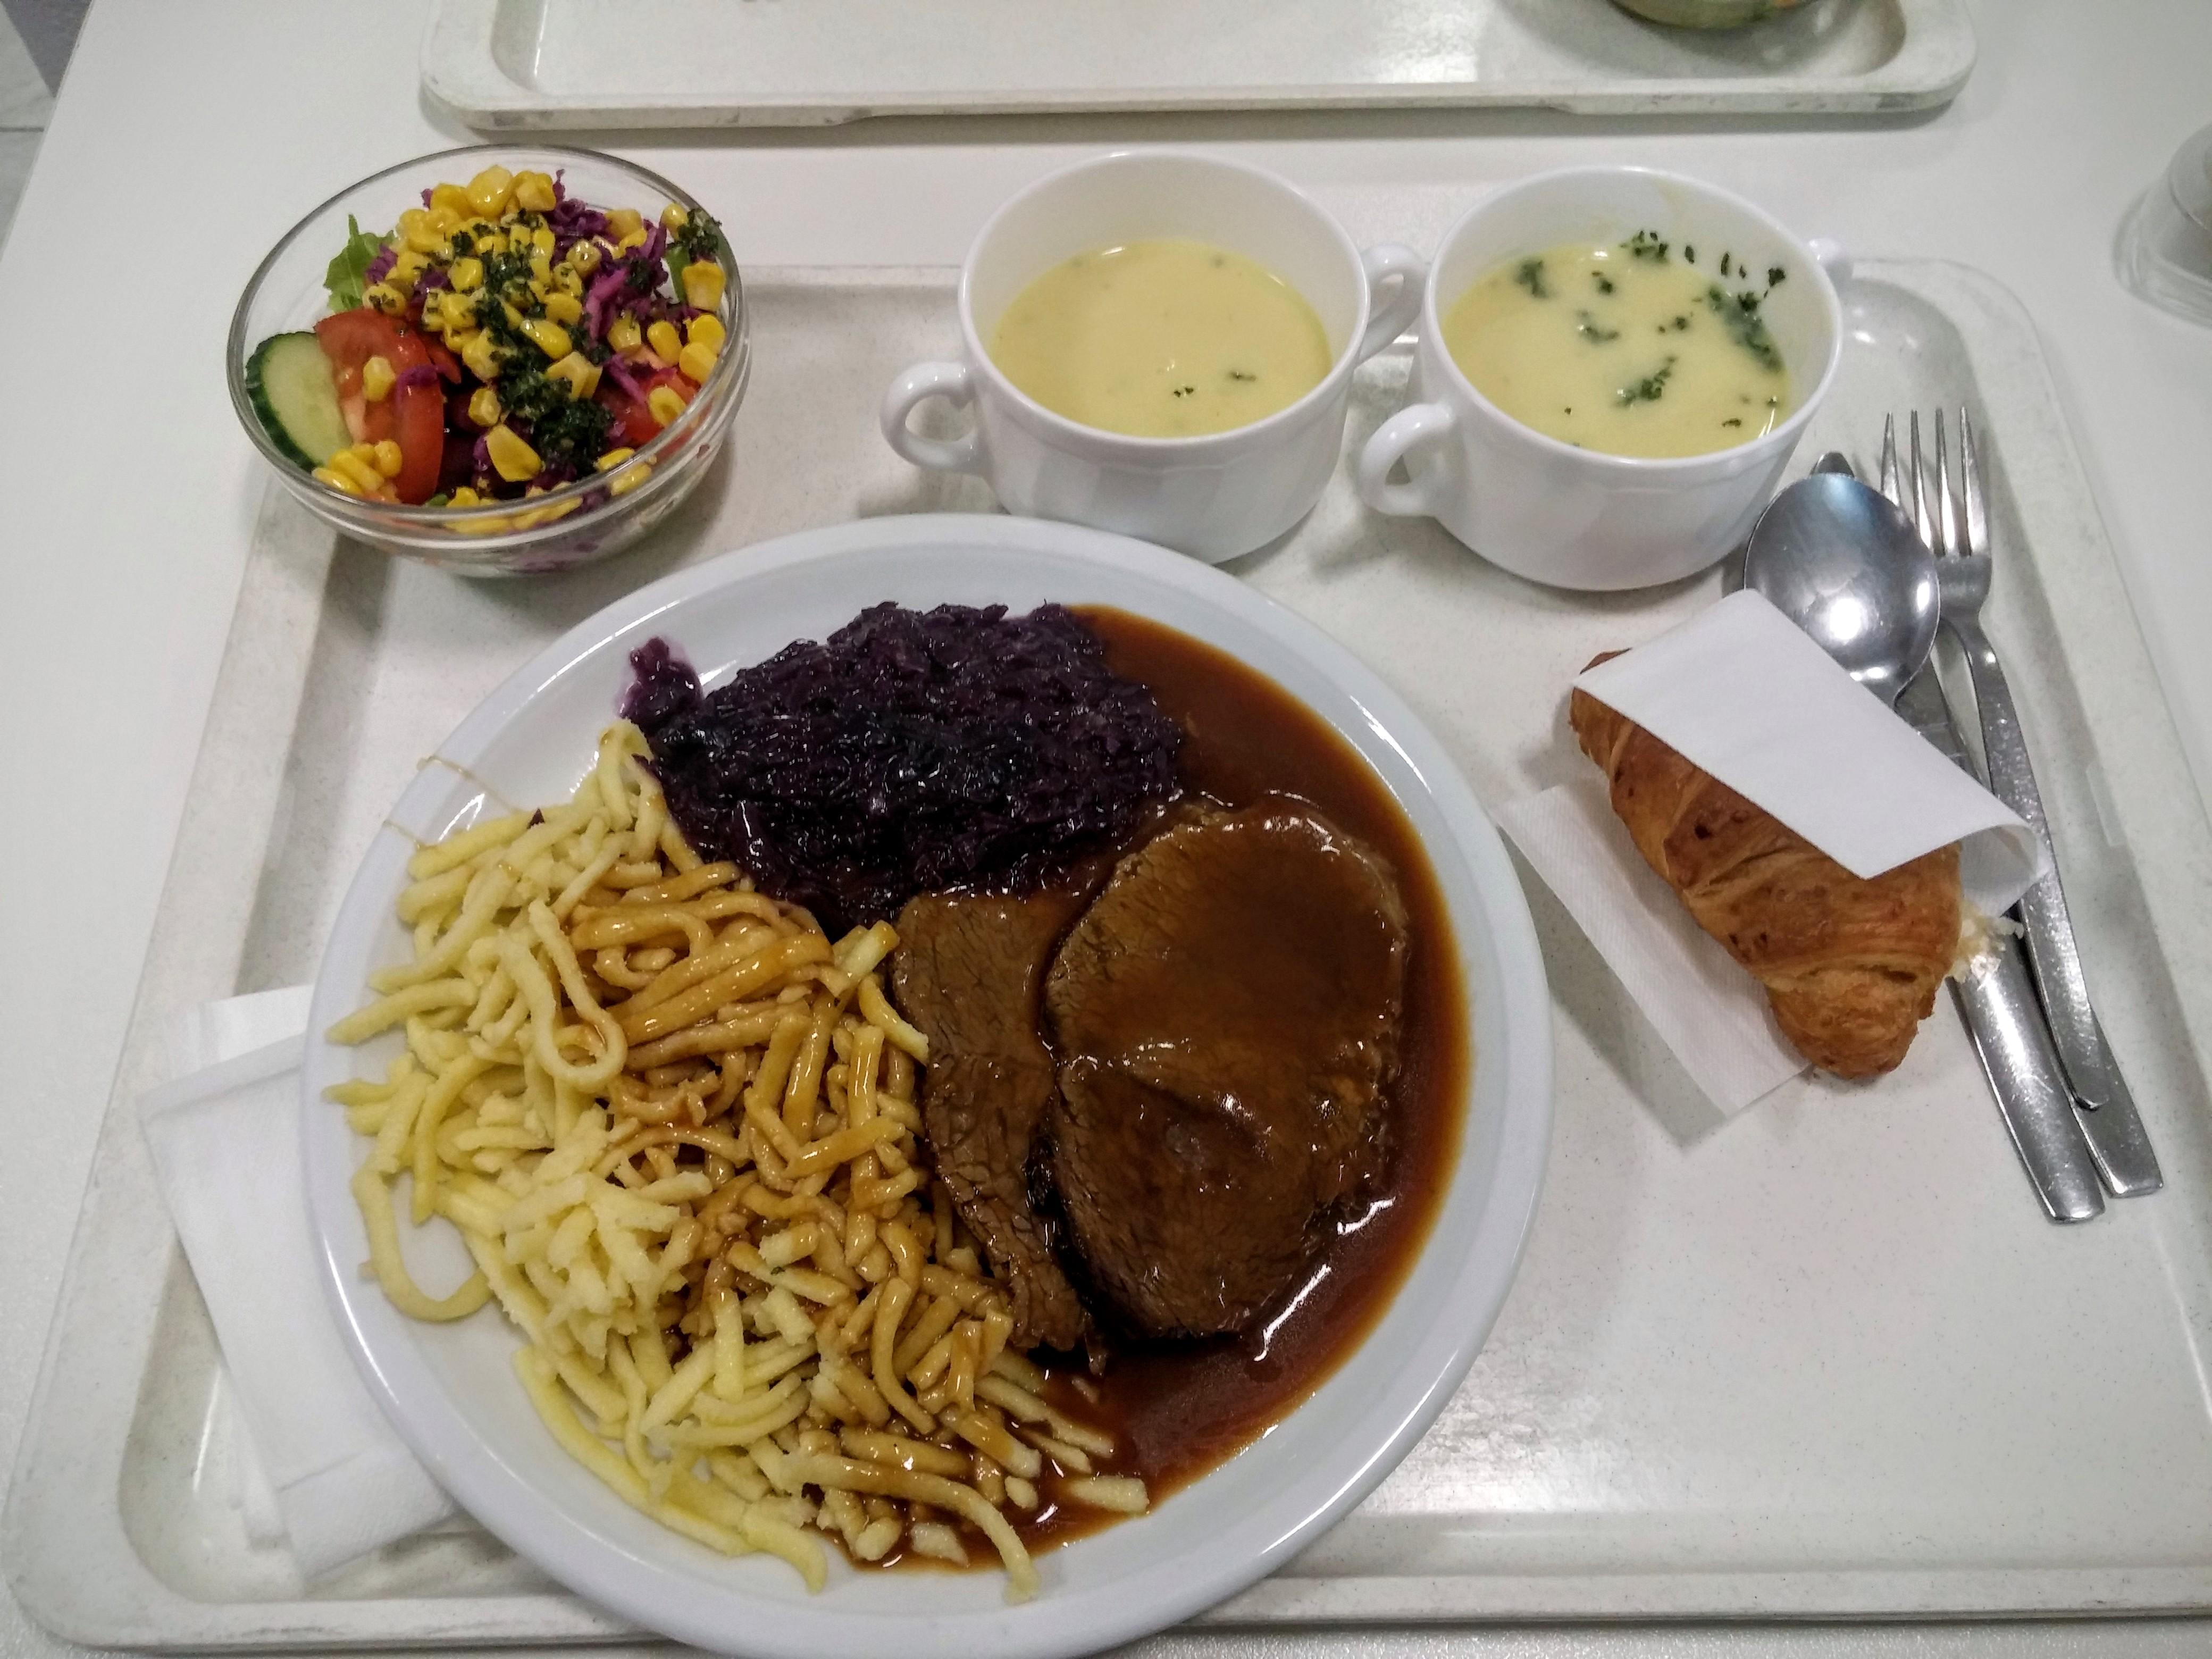 http://foodloader.net/nico_2015-08-25_sauerbraten-mit-rotkraut-spaetzle-suppen-salat-und-nachtisch.jpg